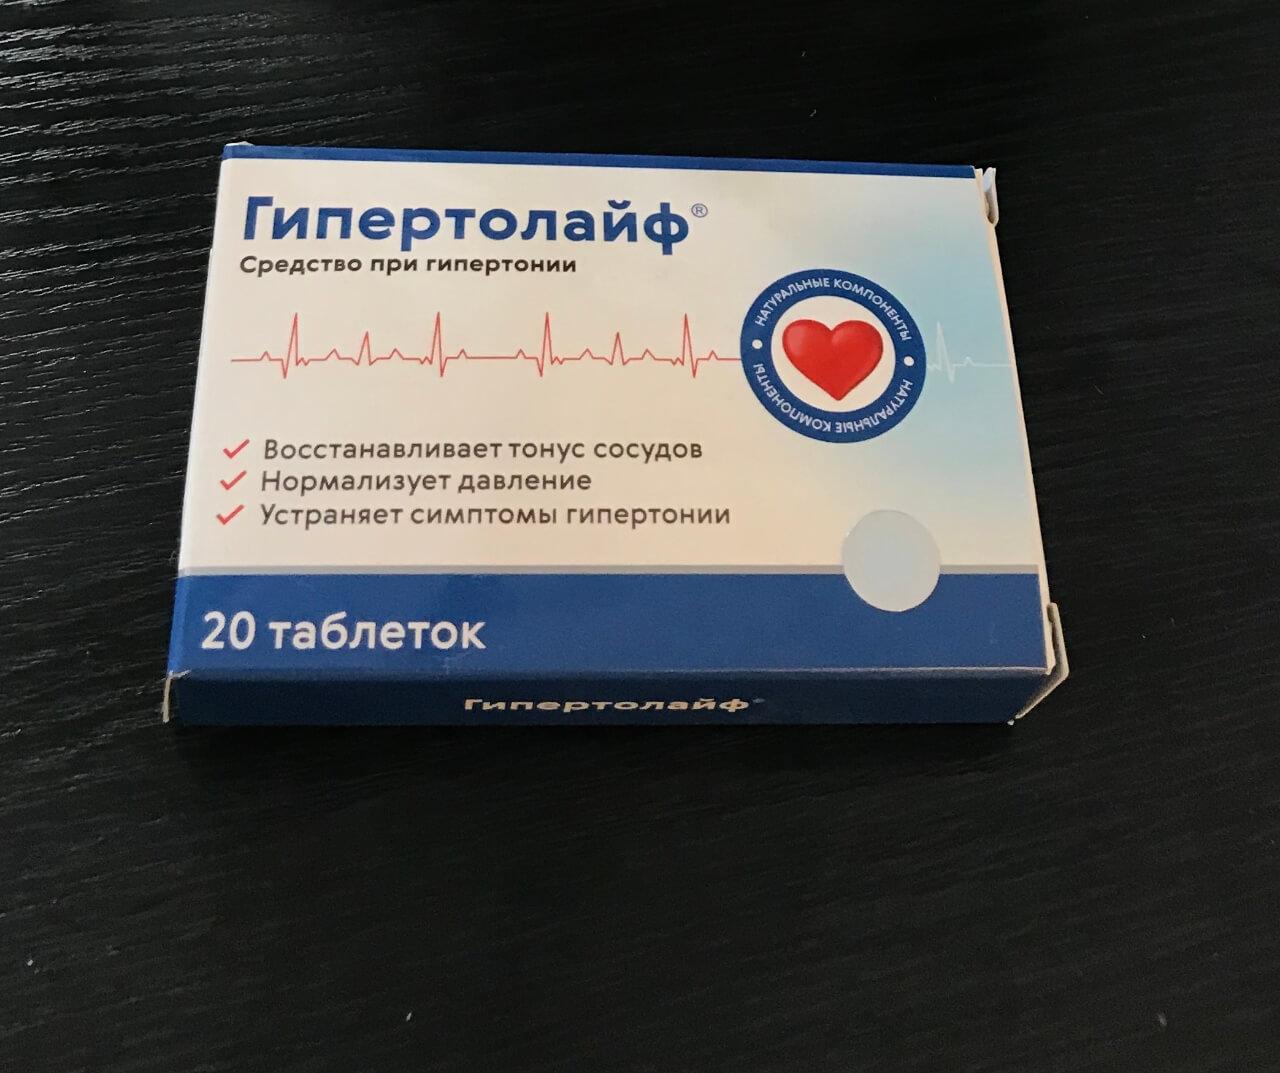 Гипертолайф трехфазная формула против гипертонии в Жуковском